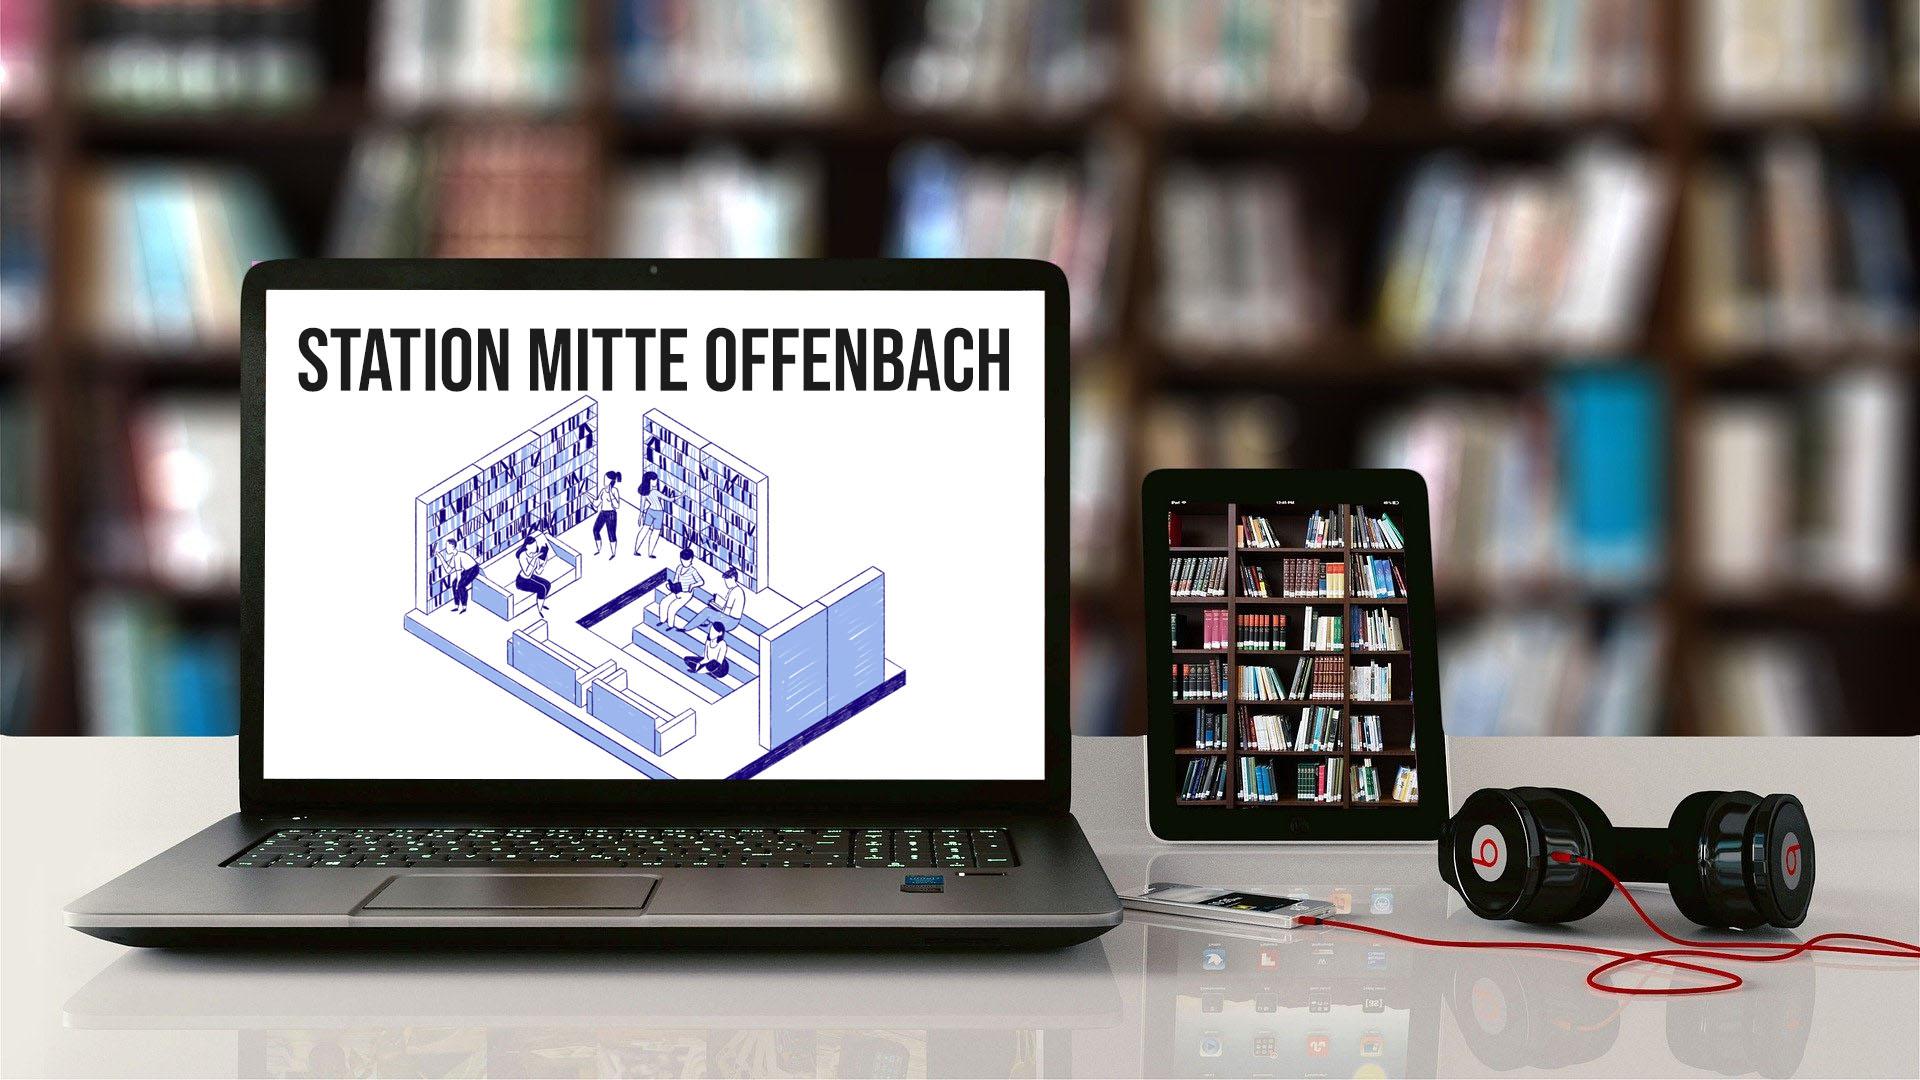 zukunft innenstadt offenbach station mitte